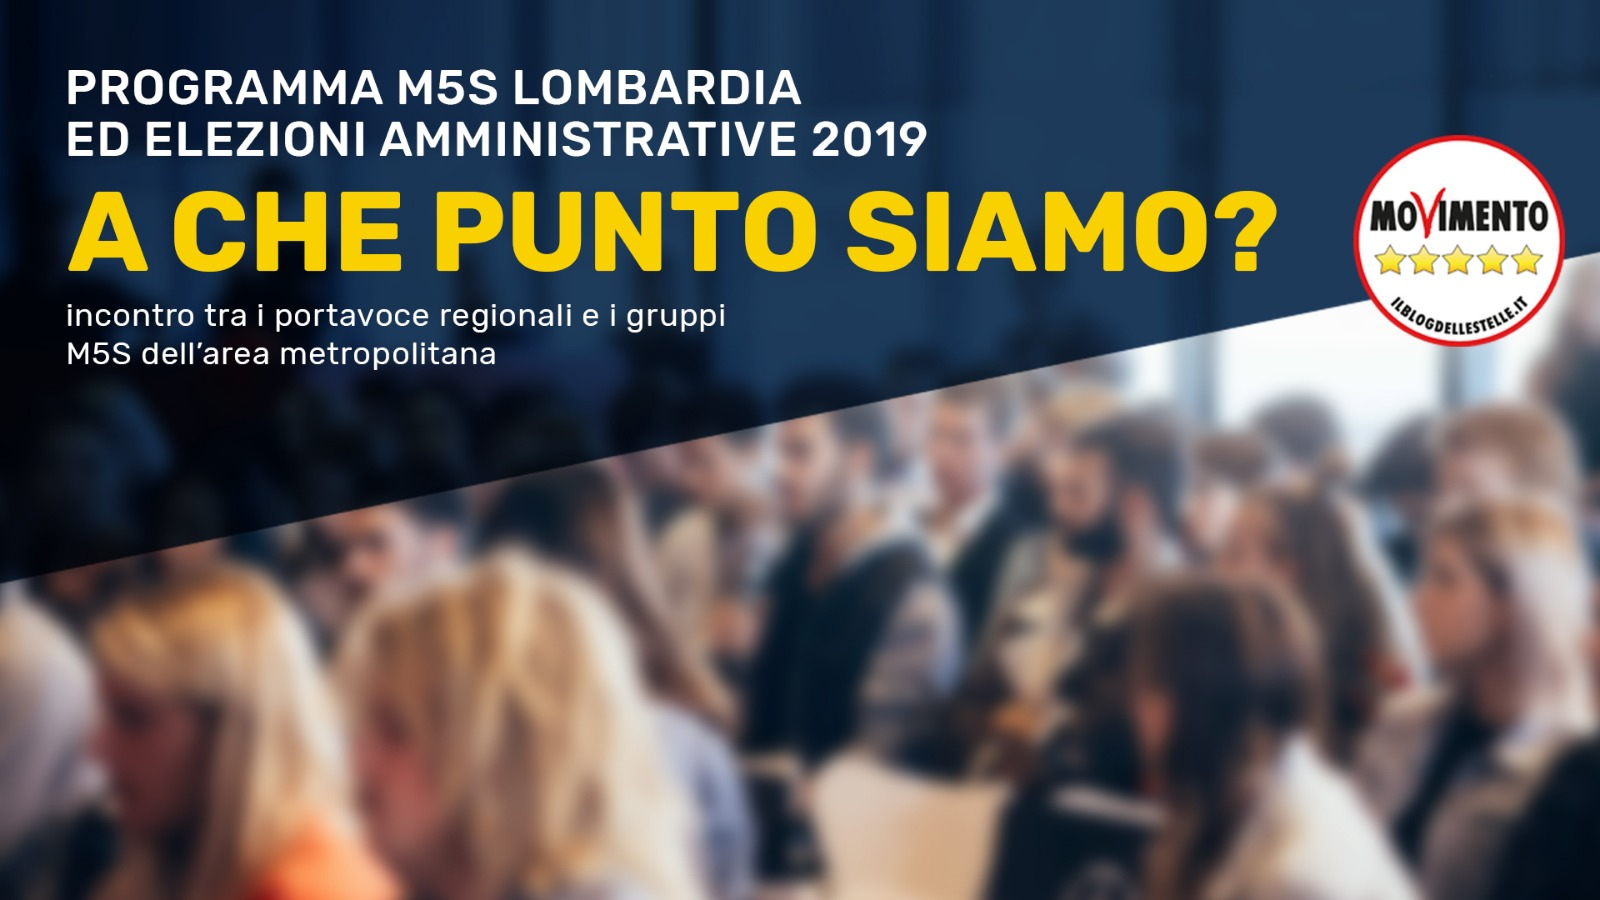 """""""Programma ed elezioni amministrative, a che punto siamo?"""" Ne parliamo il 2 dicembre a Milano"""